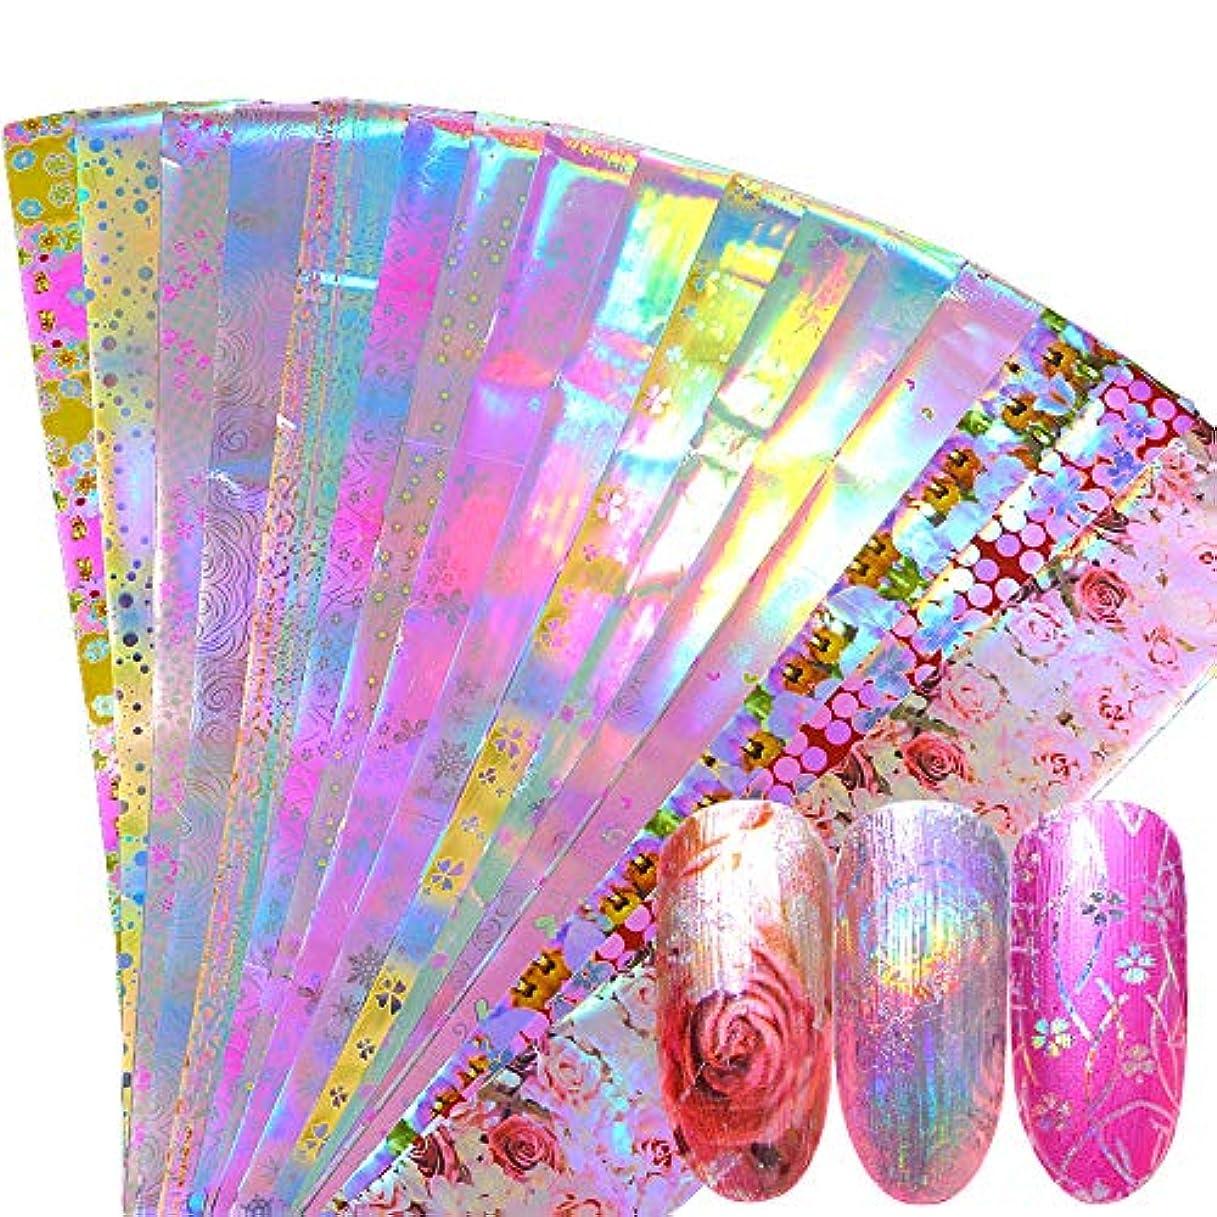 安全でない南宝SUKTI&XIAO ネイルステッカー 16ピースホログラフィックネイル箔セットミックスフラワーデザイン転写箔ネイルポリッシュステッカーネイルアート装飾スライダーデカール